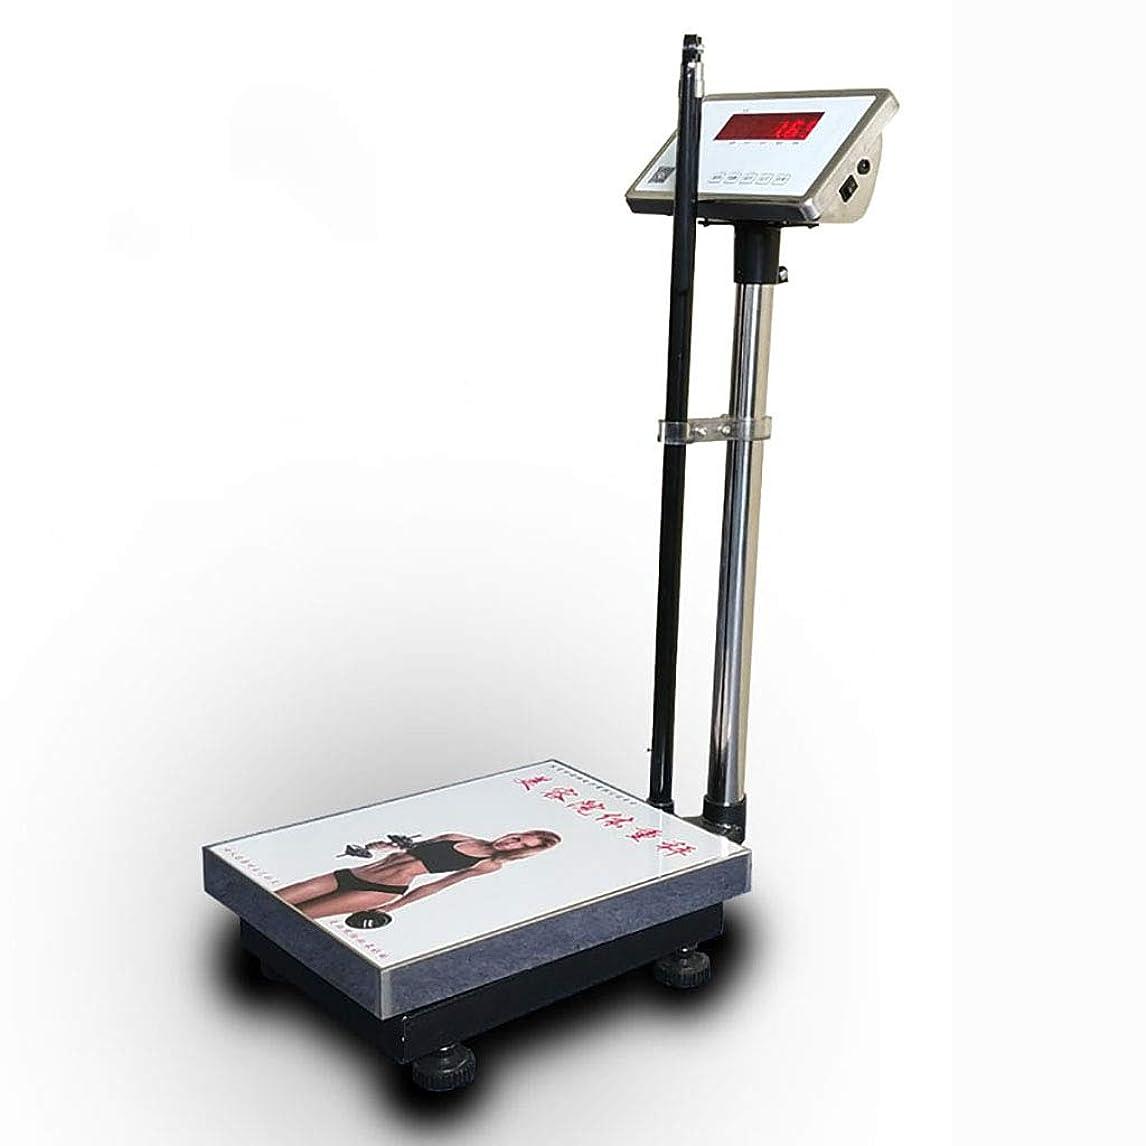 レバープライバシー安いです身長と体重のスケール、電子スケール、高精度デジタルスケール - Hd表示画面